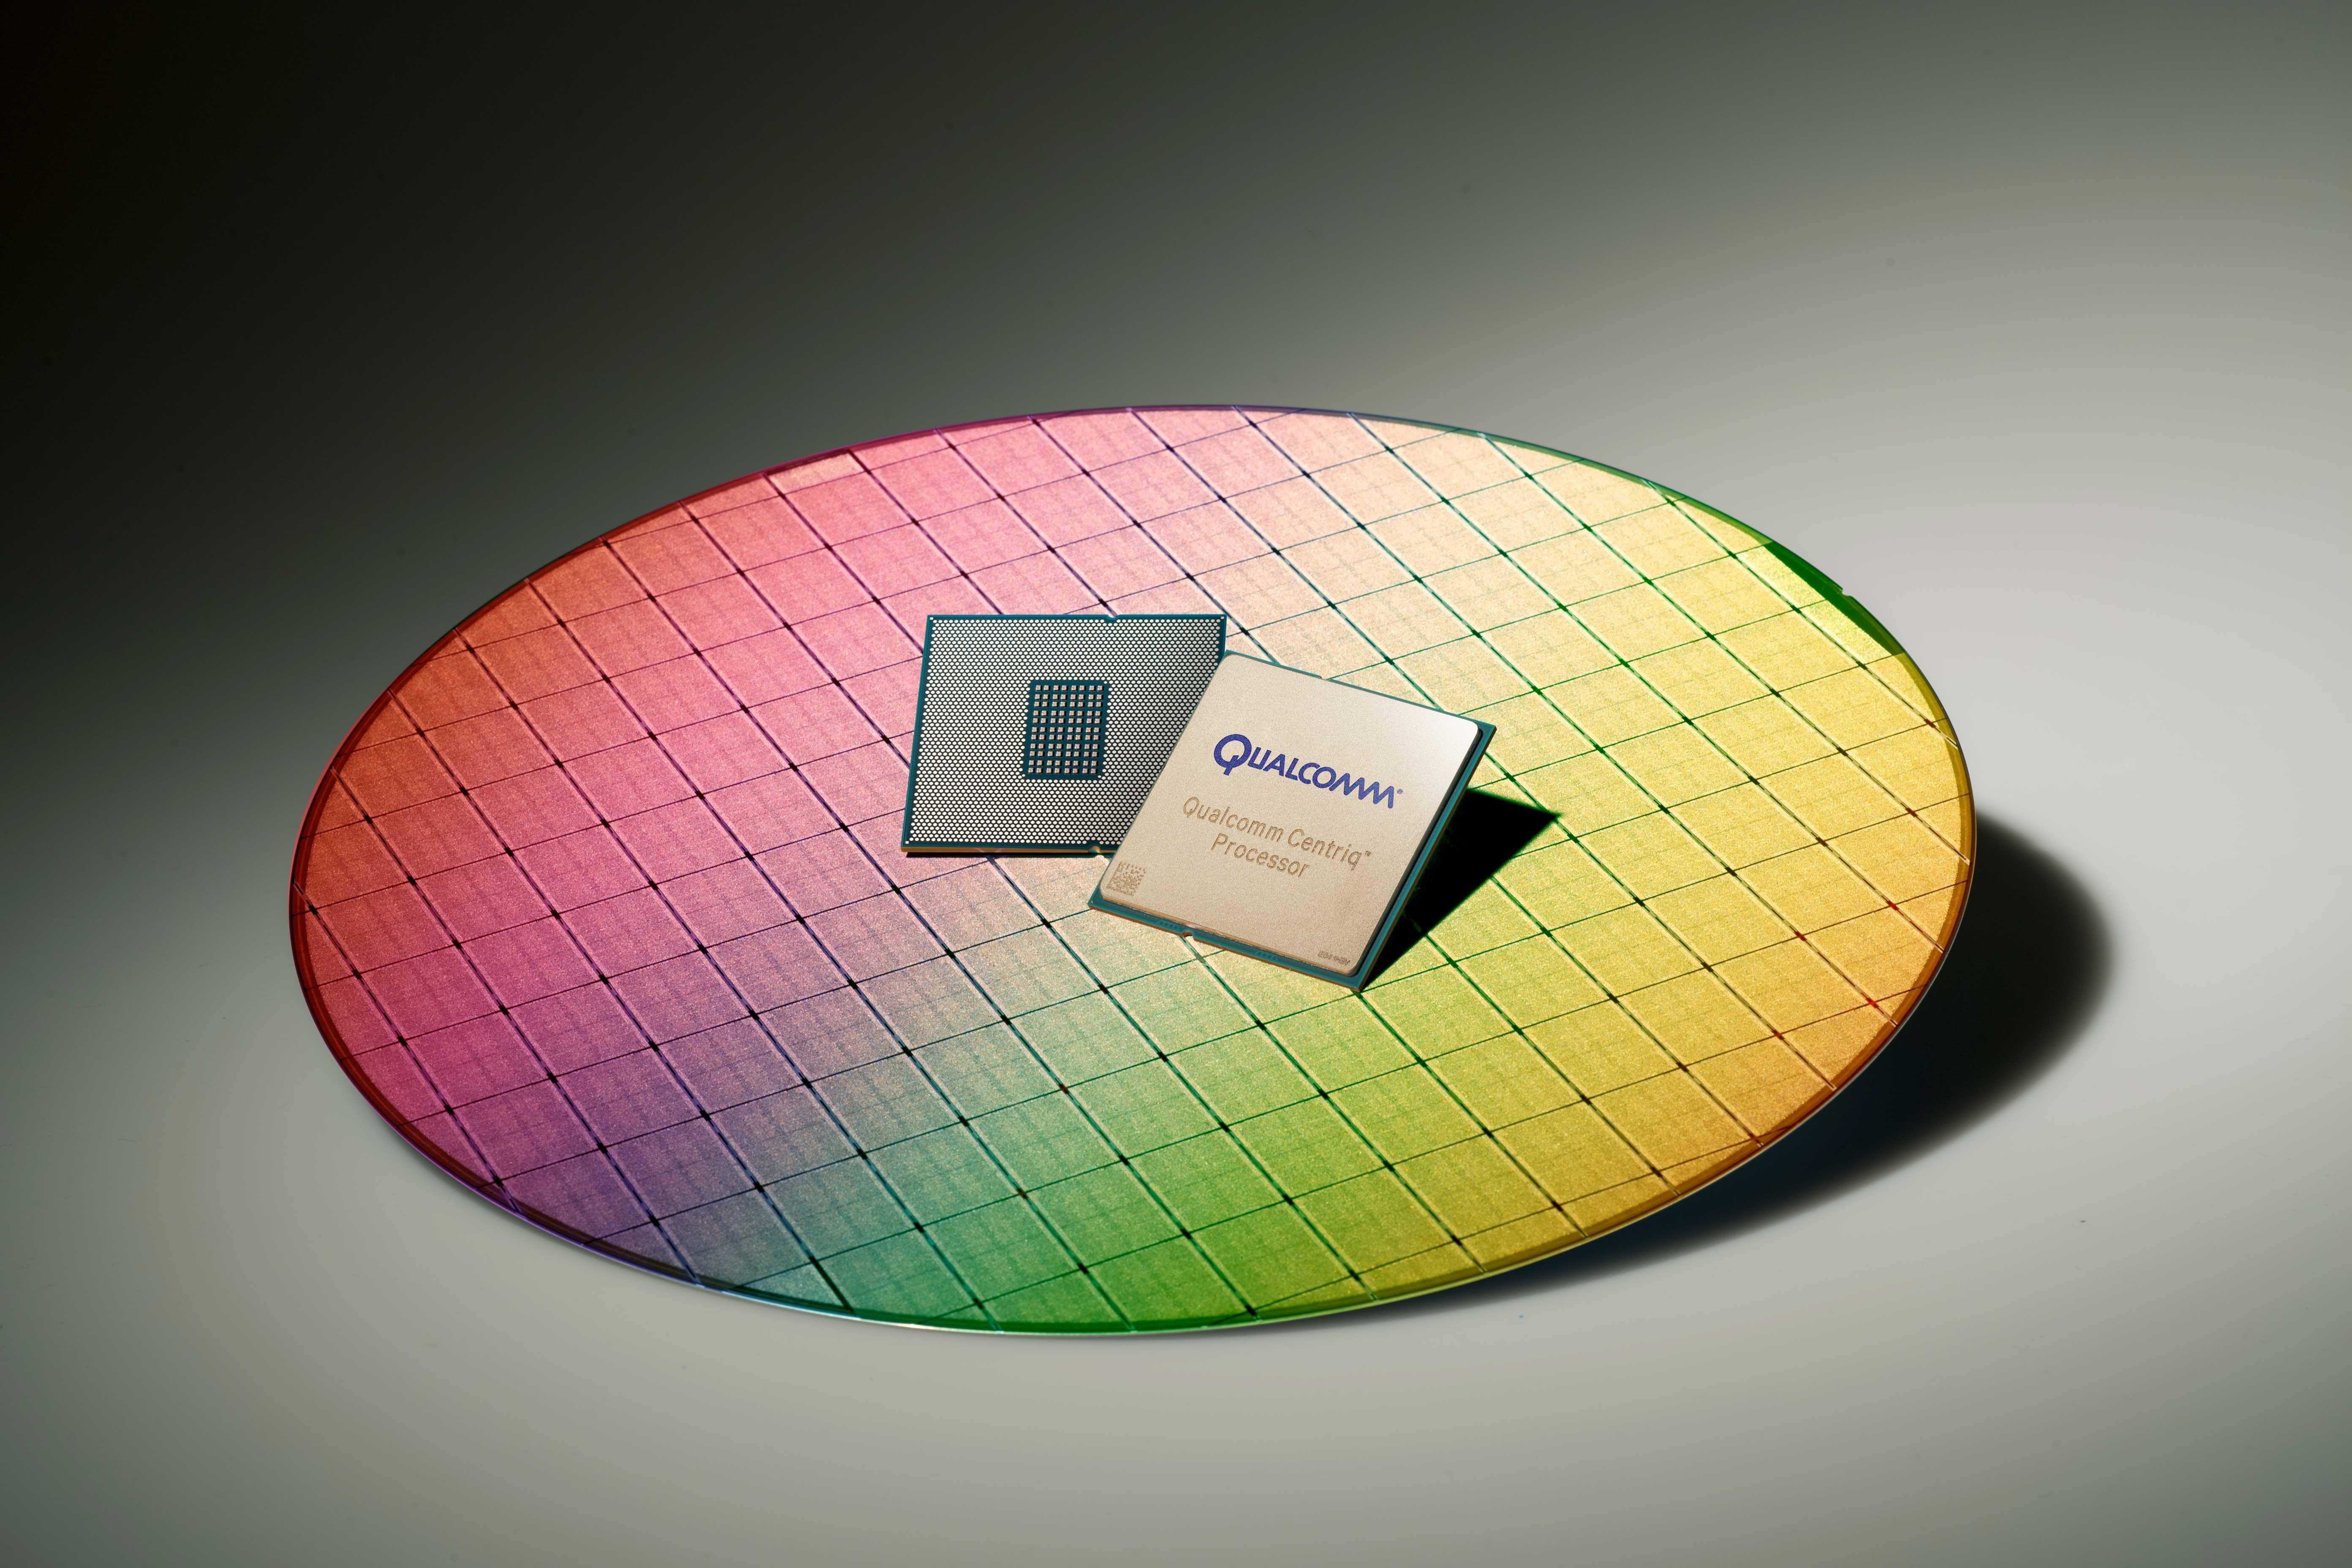 Qualcomm launches 10nm server CPUs